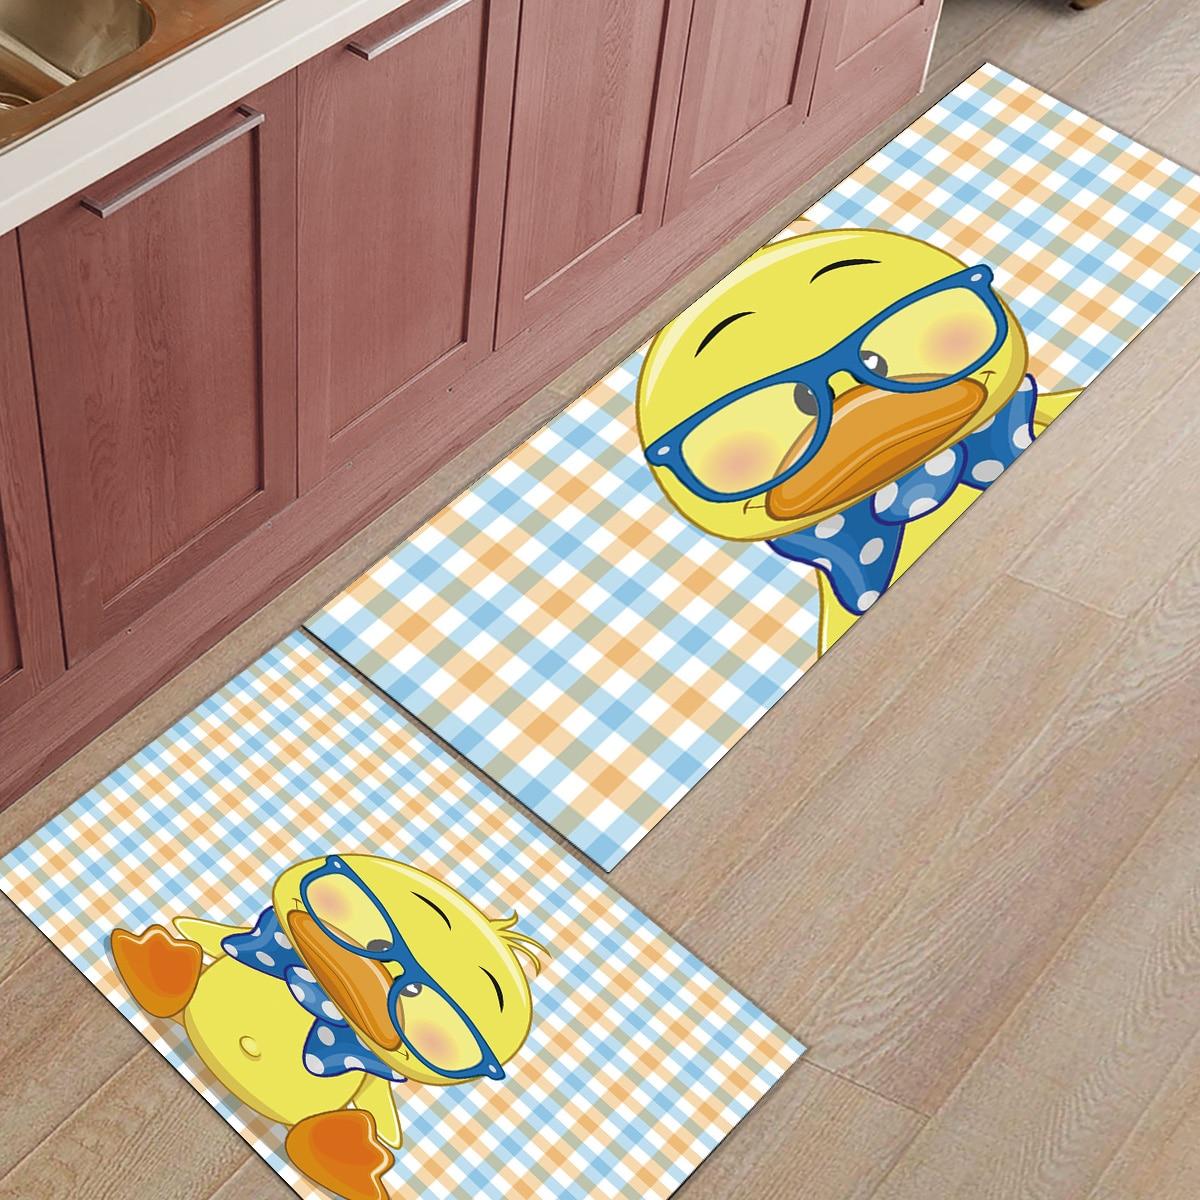 Nordique Cartoon moderne jaune canard 2 pièce cuisine tapis saleté débris boue trappeur chaussures de démarrage grattoir Machine lavable bain douche